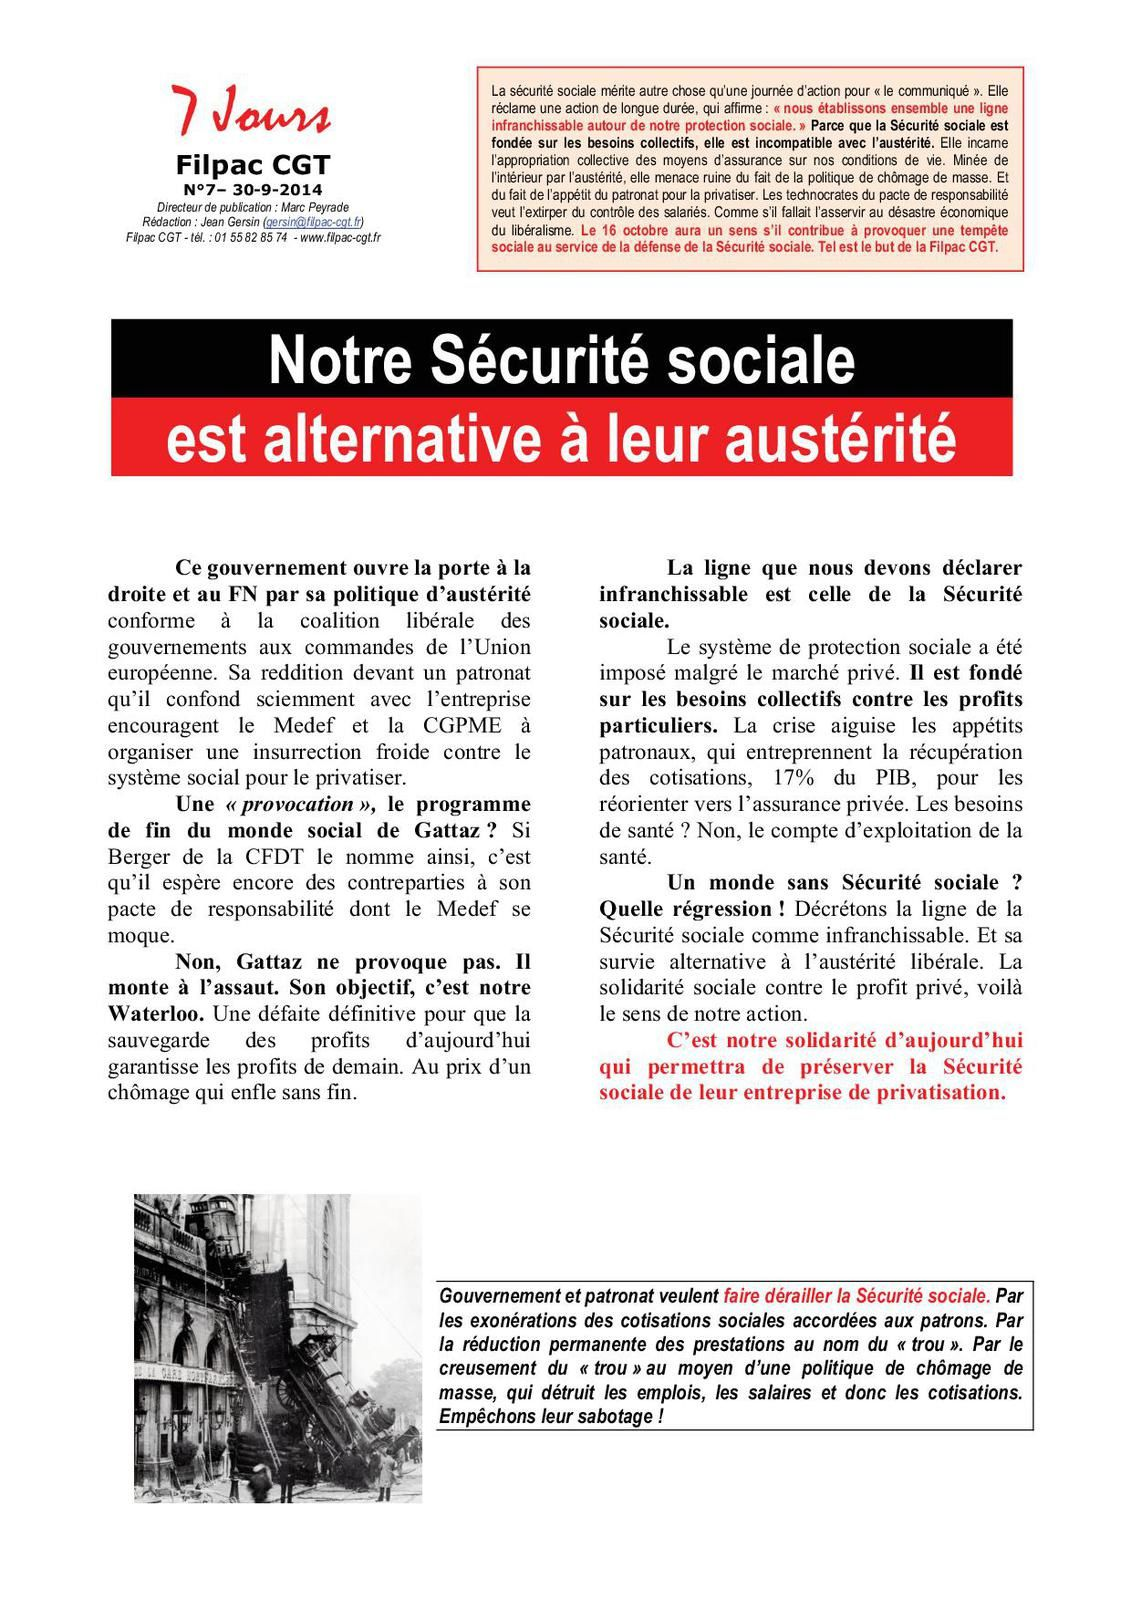 Notre Sécurité sociale est alternative à leur austérité